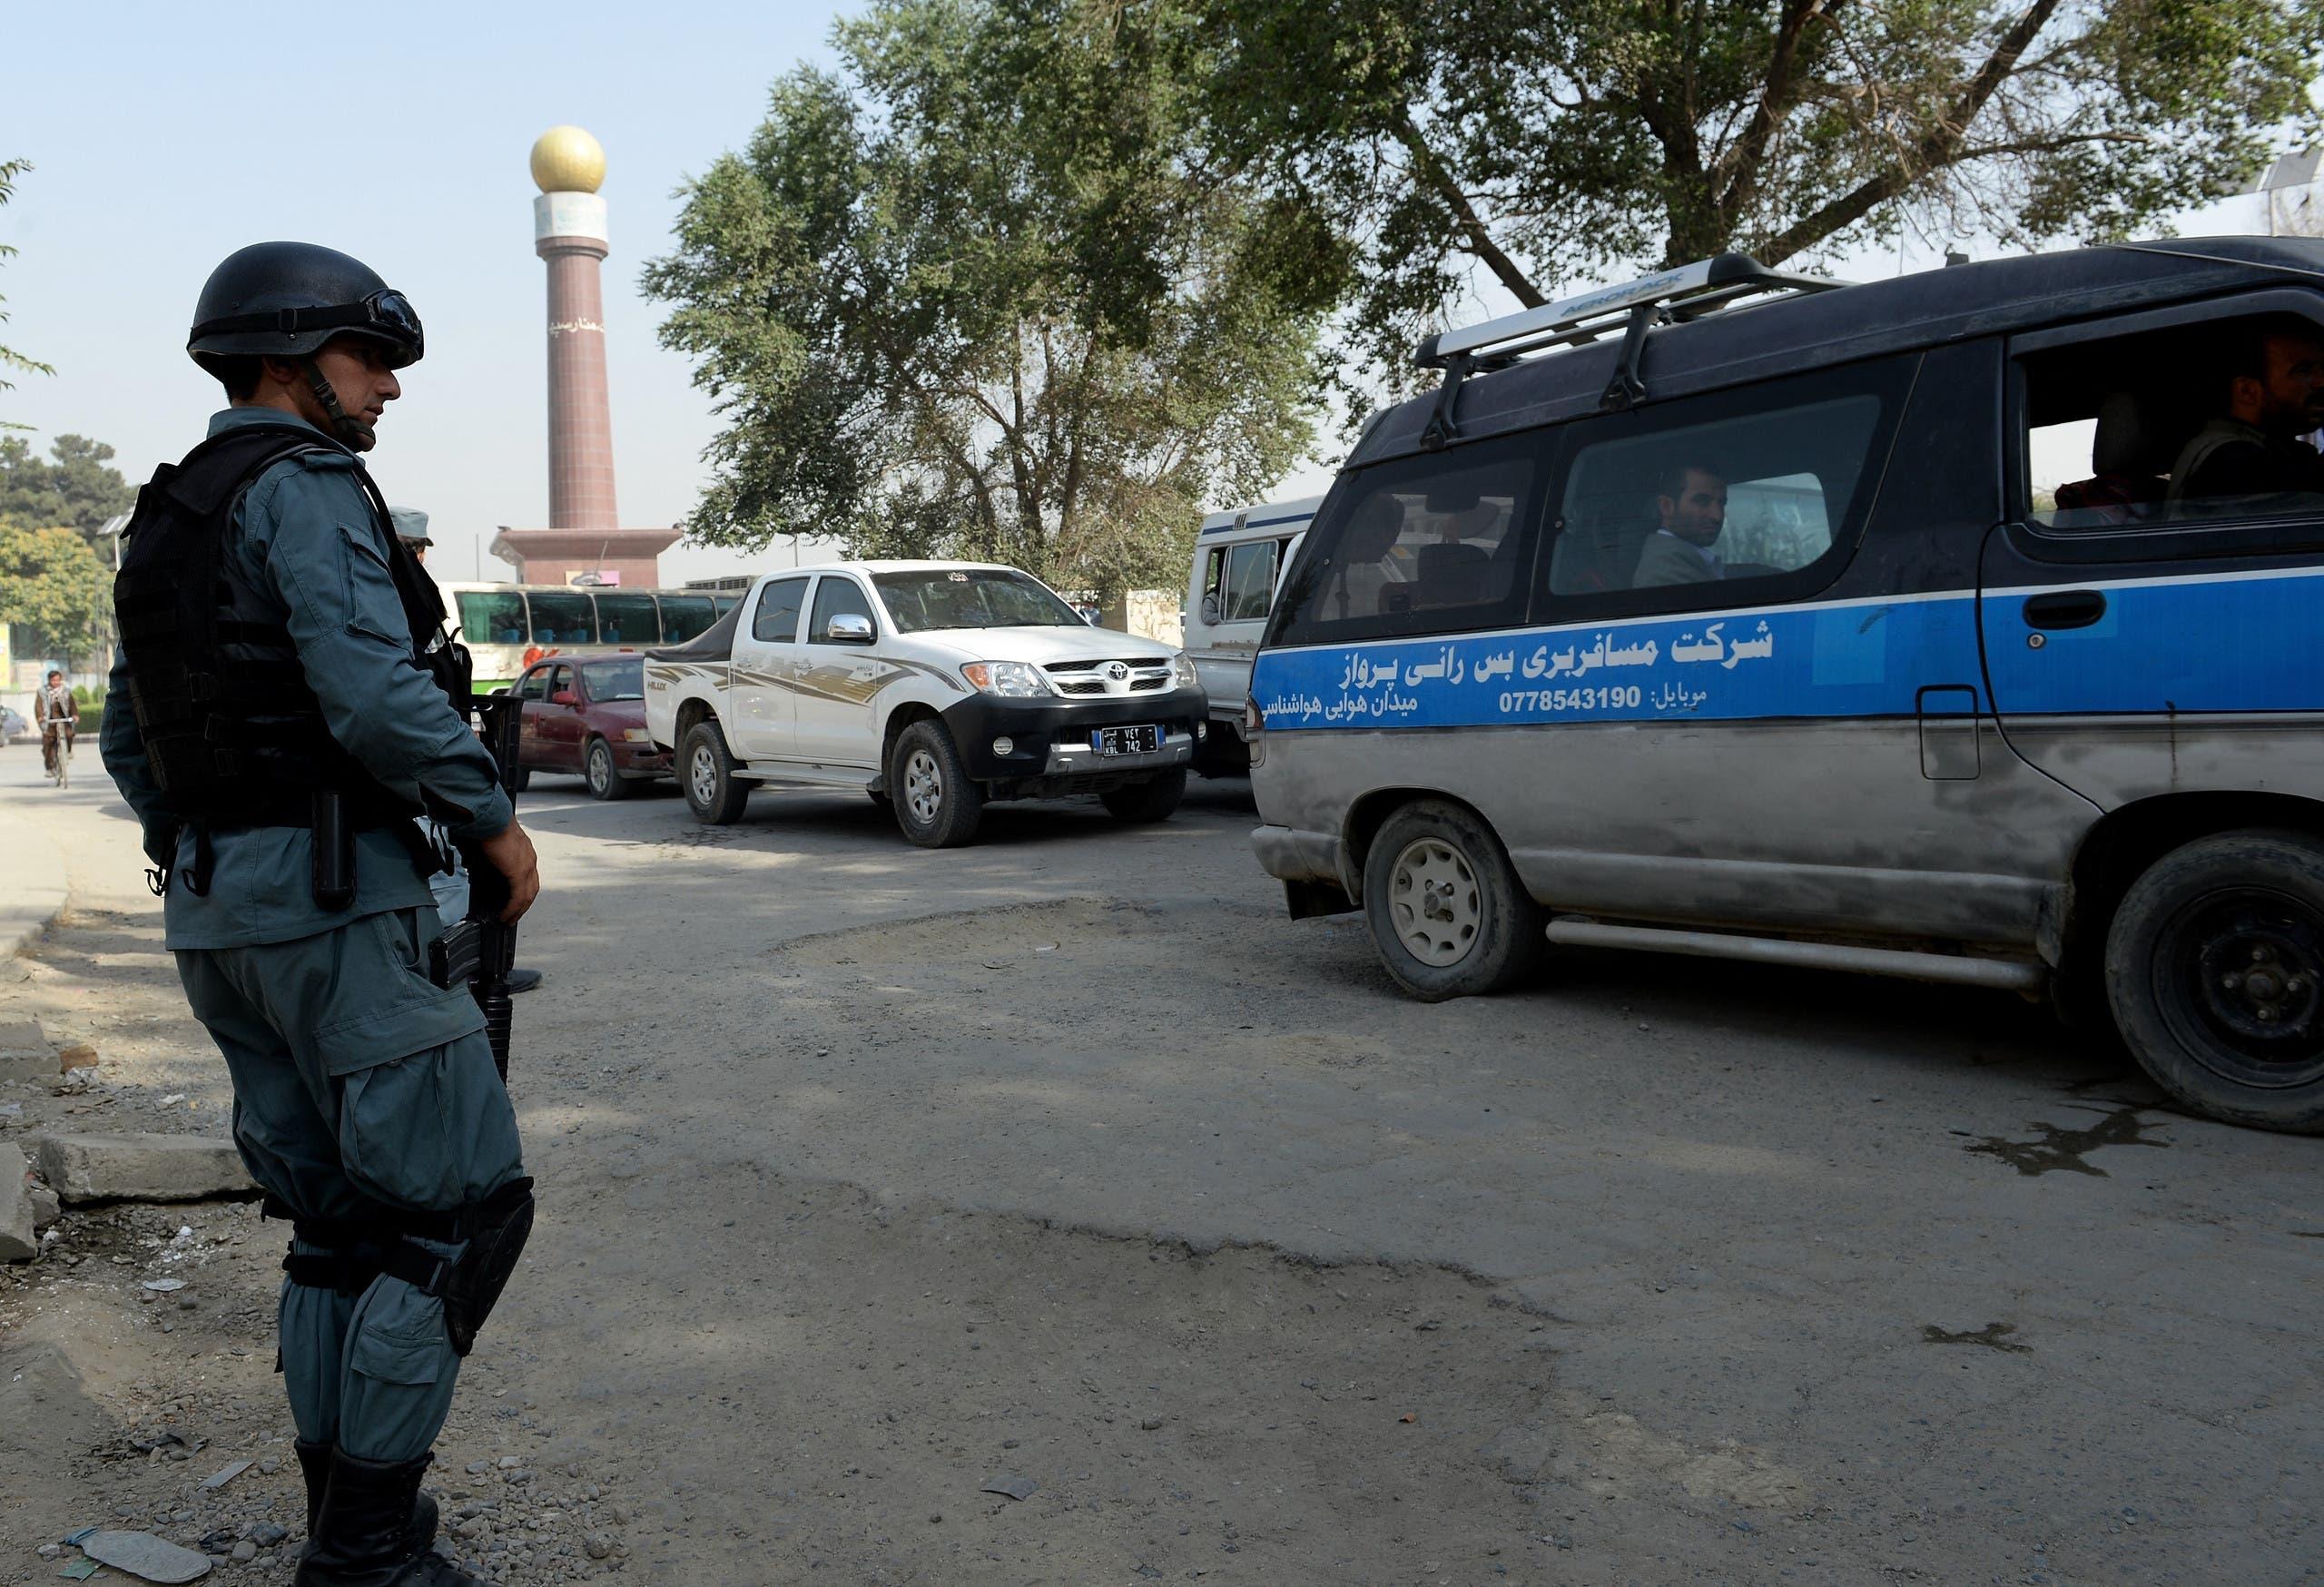 شرطي أفغاني في مركز أمني قرب السفارة الأميركية في كابول (أرشيفية)